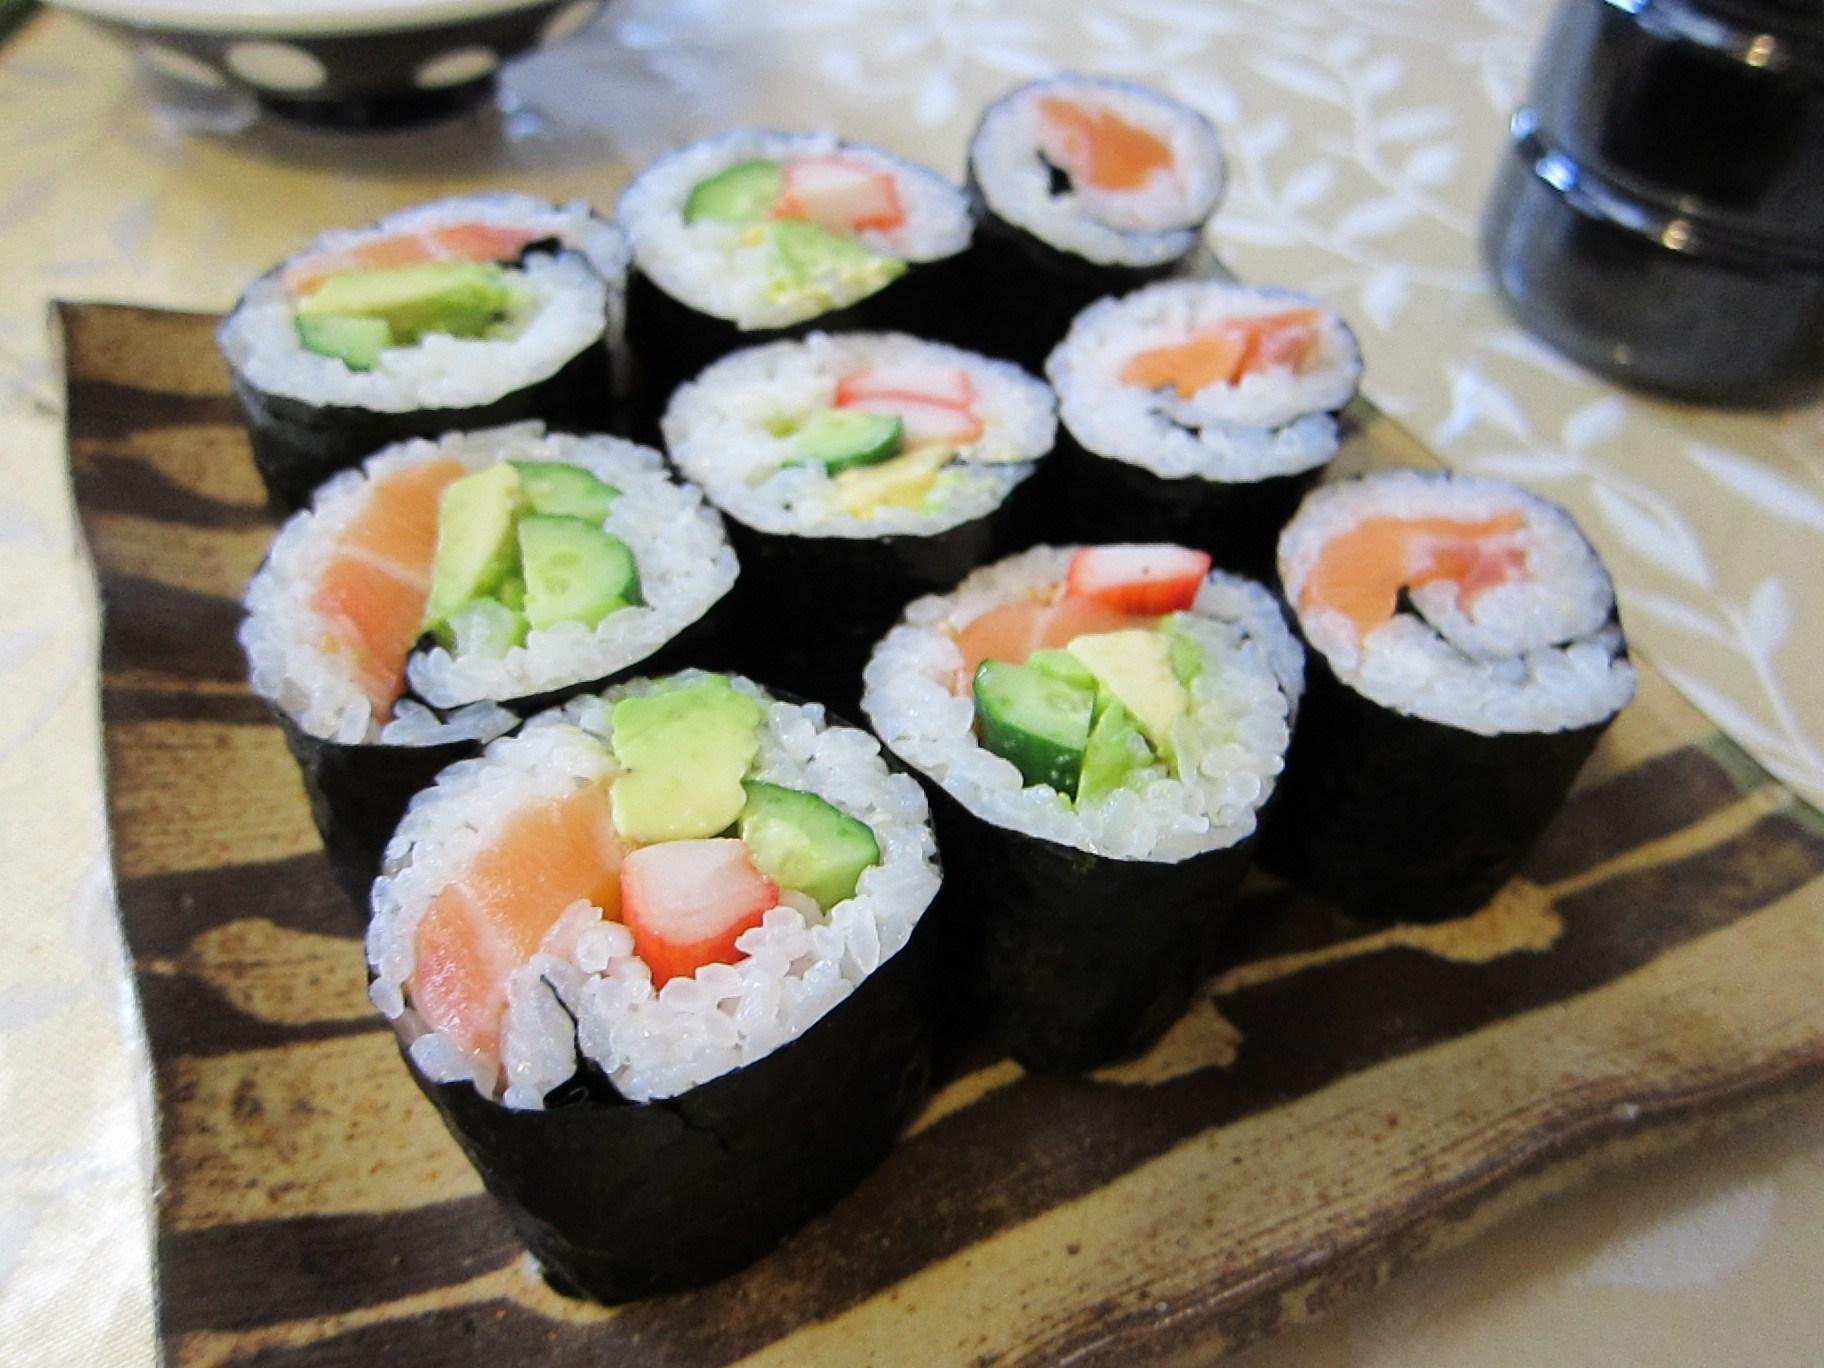 Kenali 5 Jenis Sushi Ini Agar Saat Memesannya Tidak Salah Sebut 3